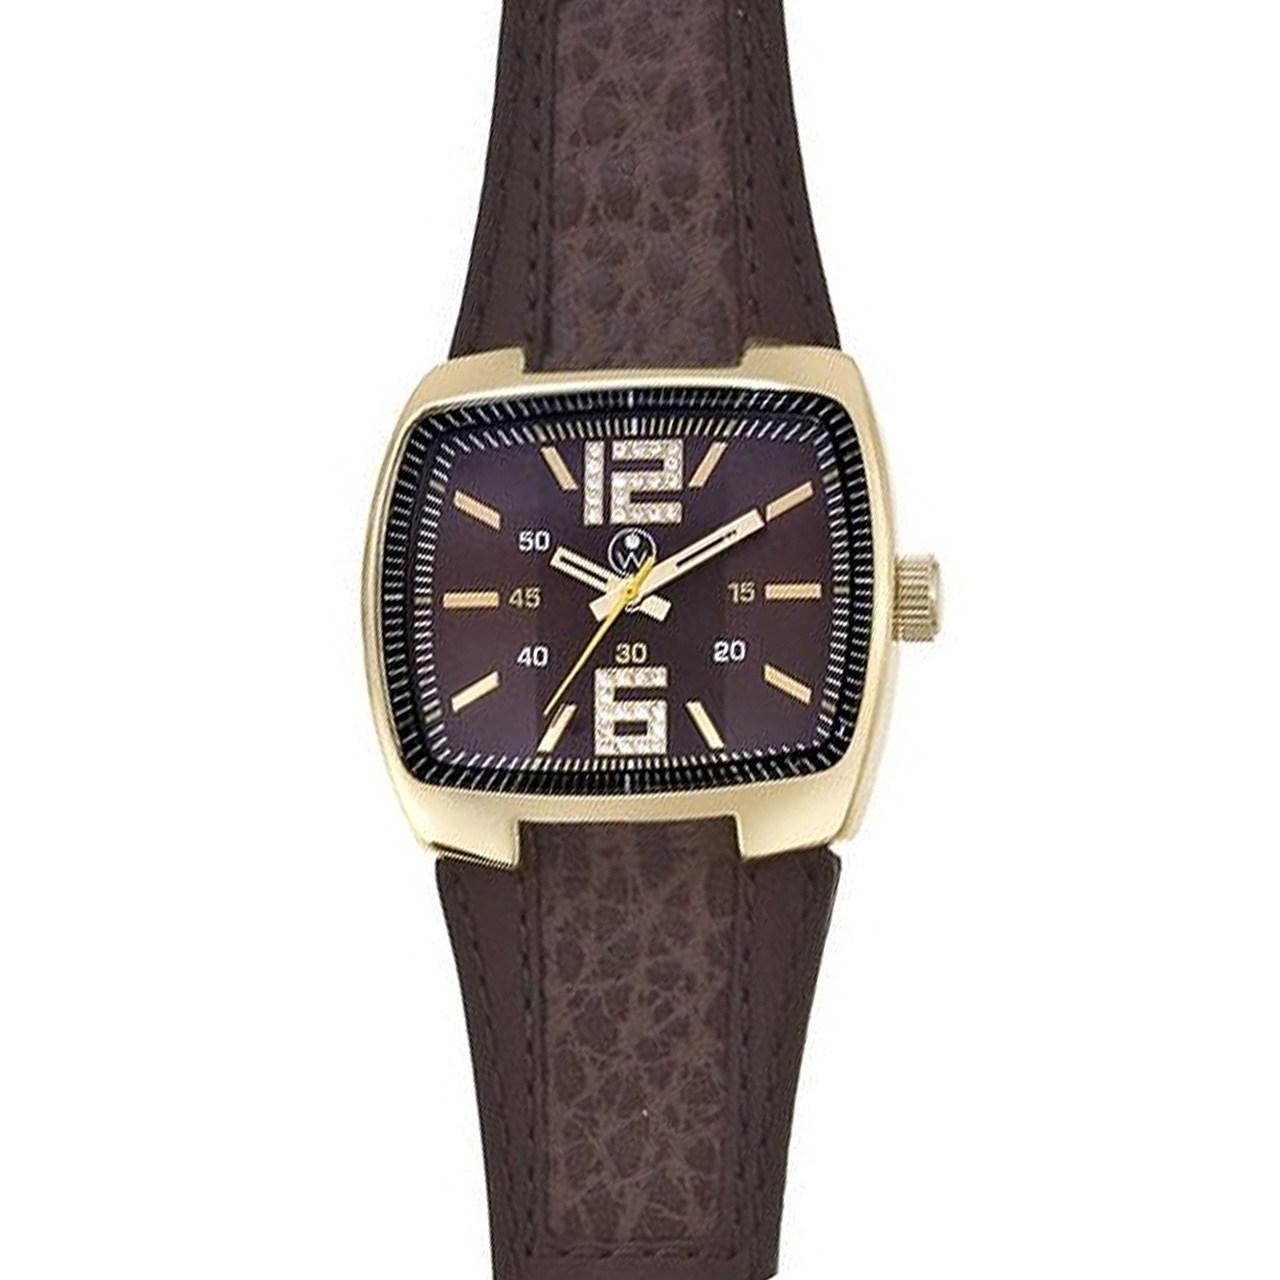 ساعت مچی عقربه ای مردانه الیور وبر مدل 0126-BRO